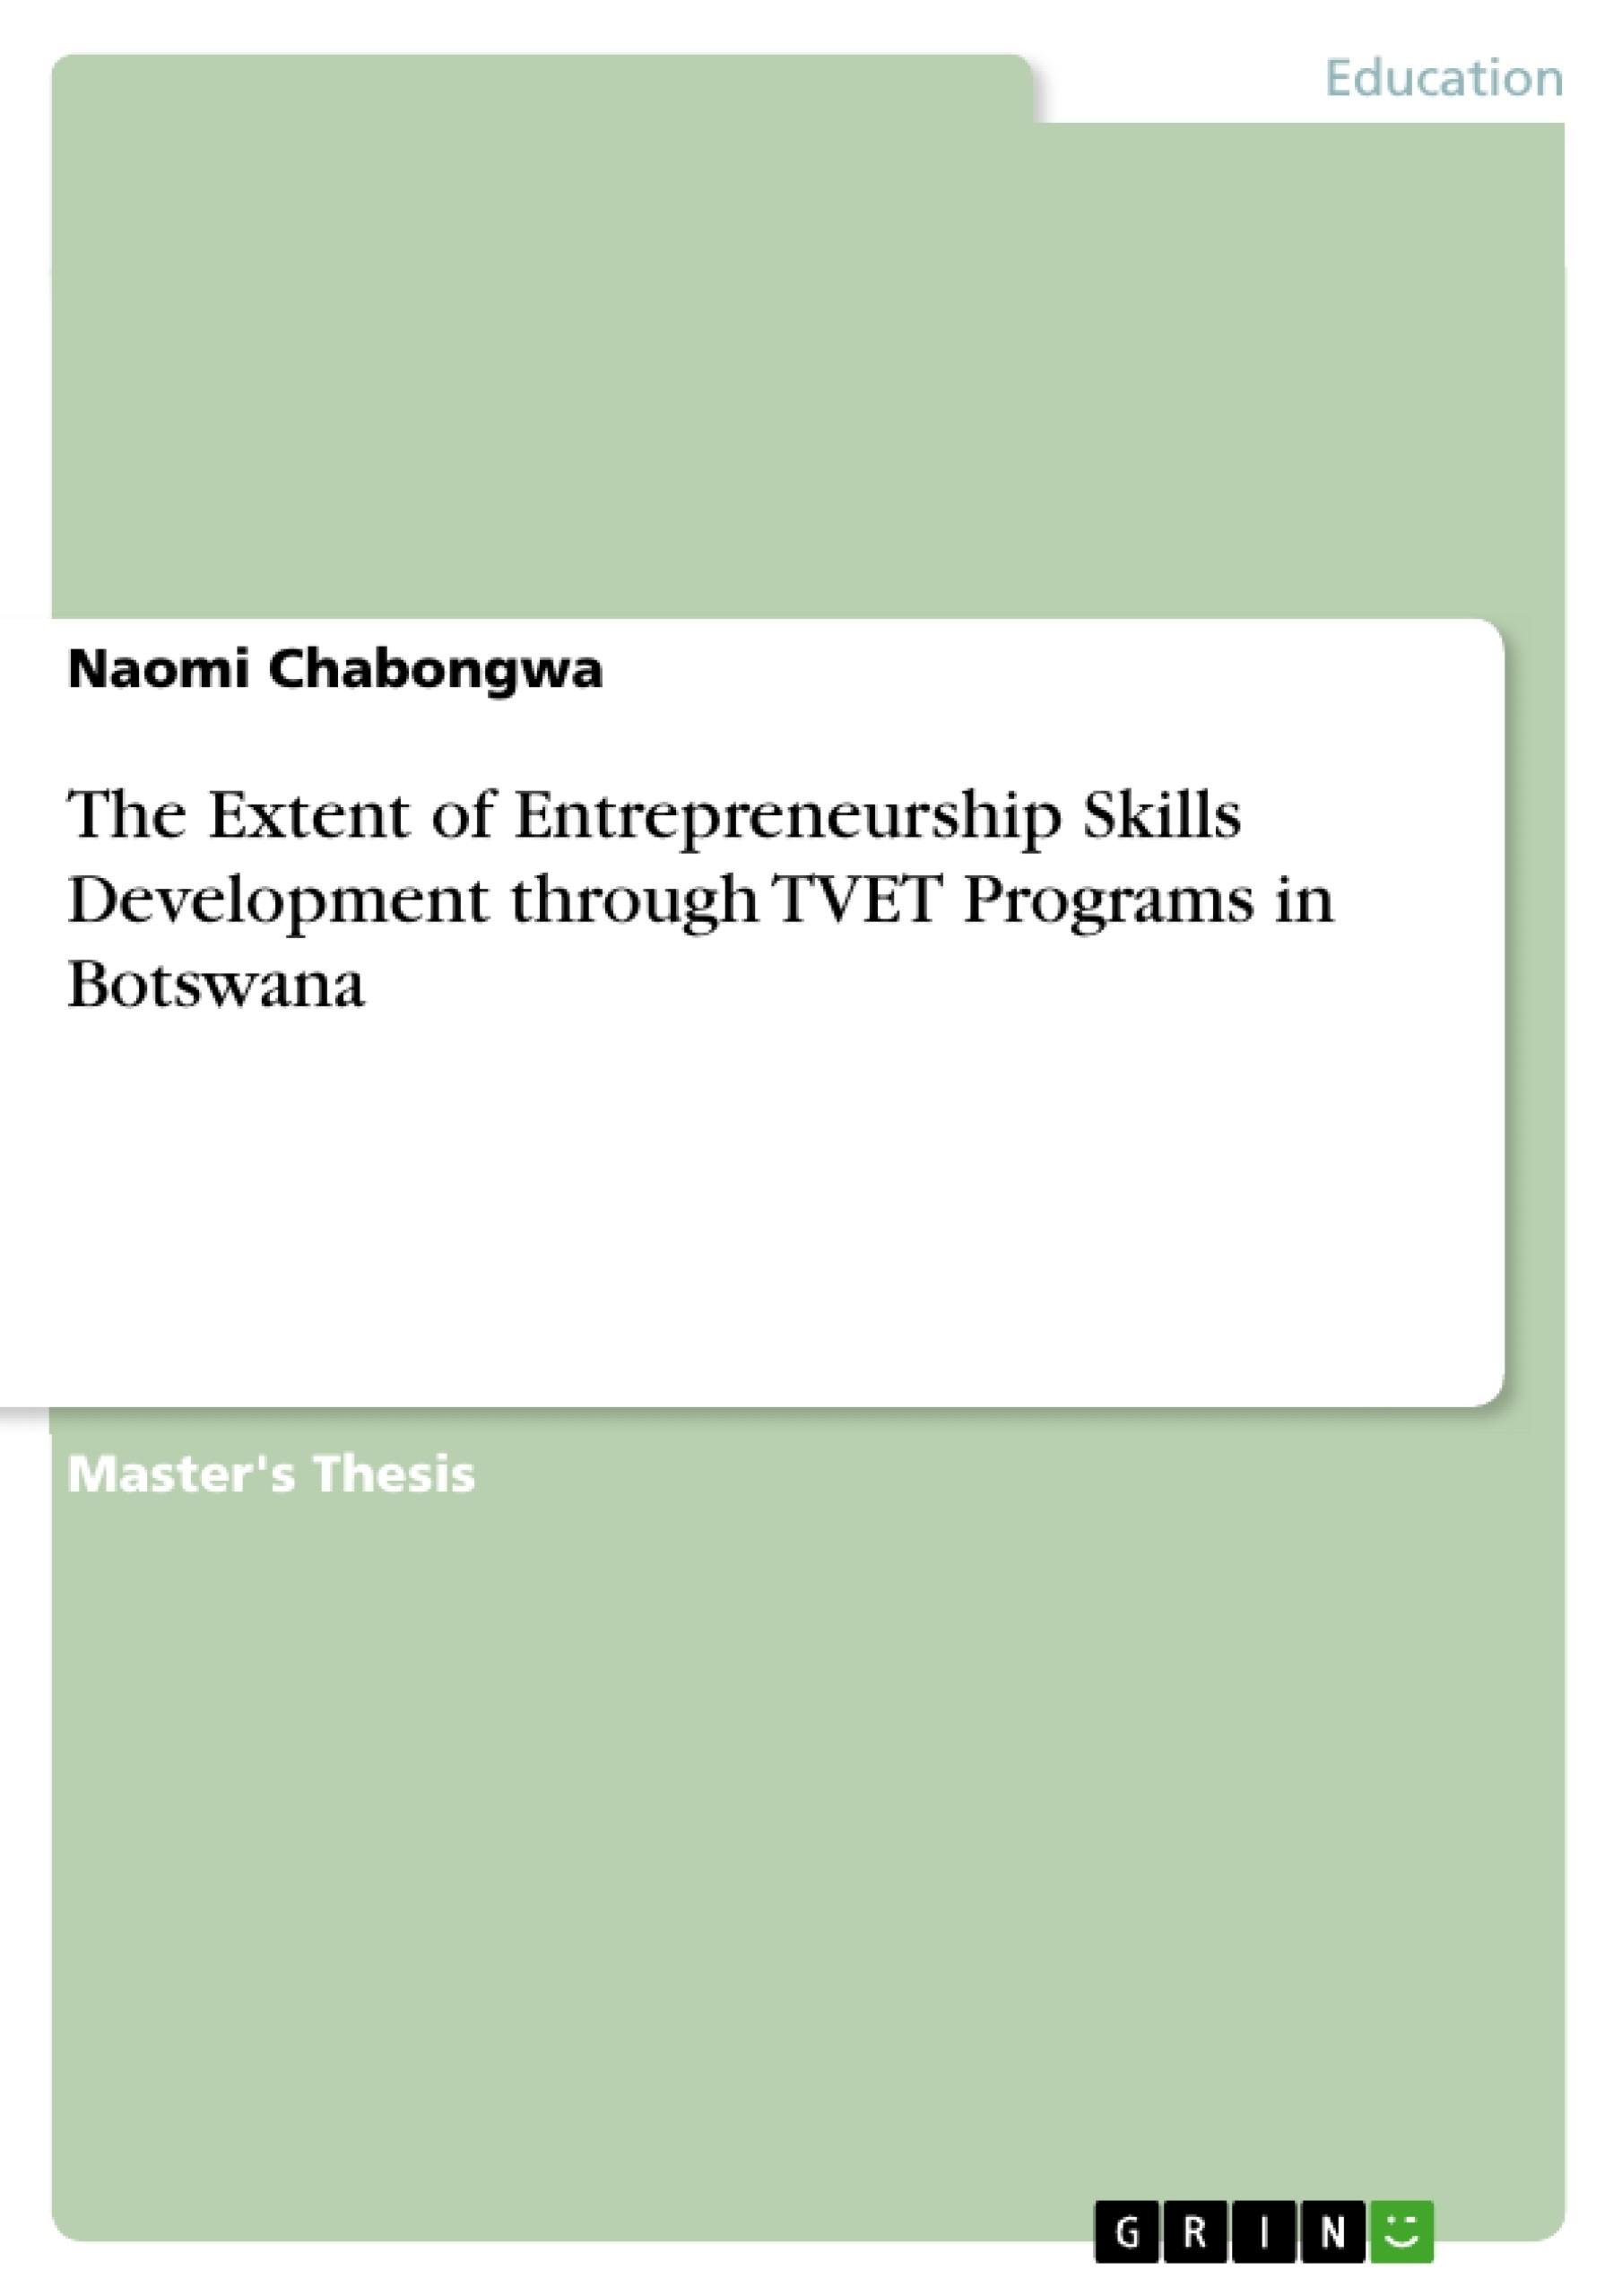 Title: The Extent of Entrepreneurship Skills Development through TVET Programs in Botswana